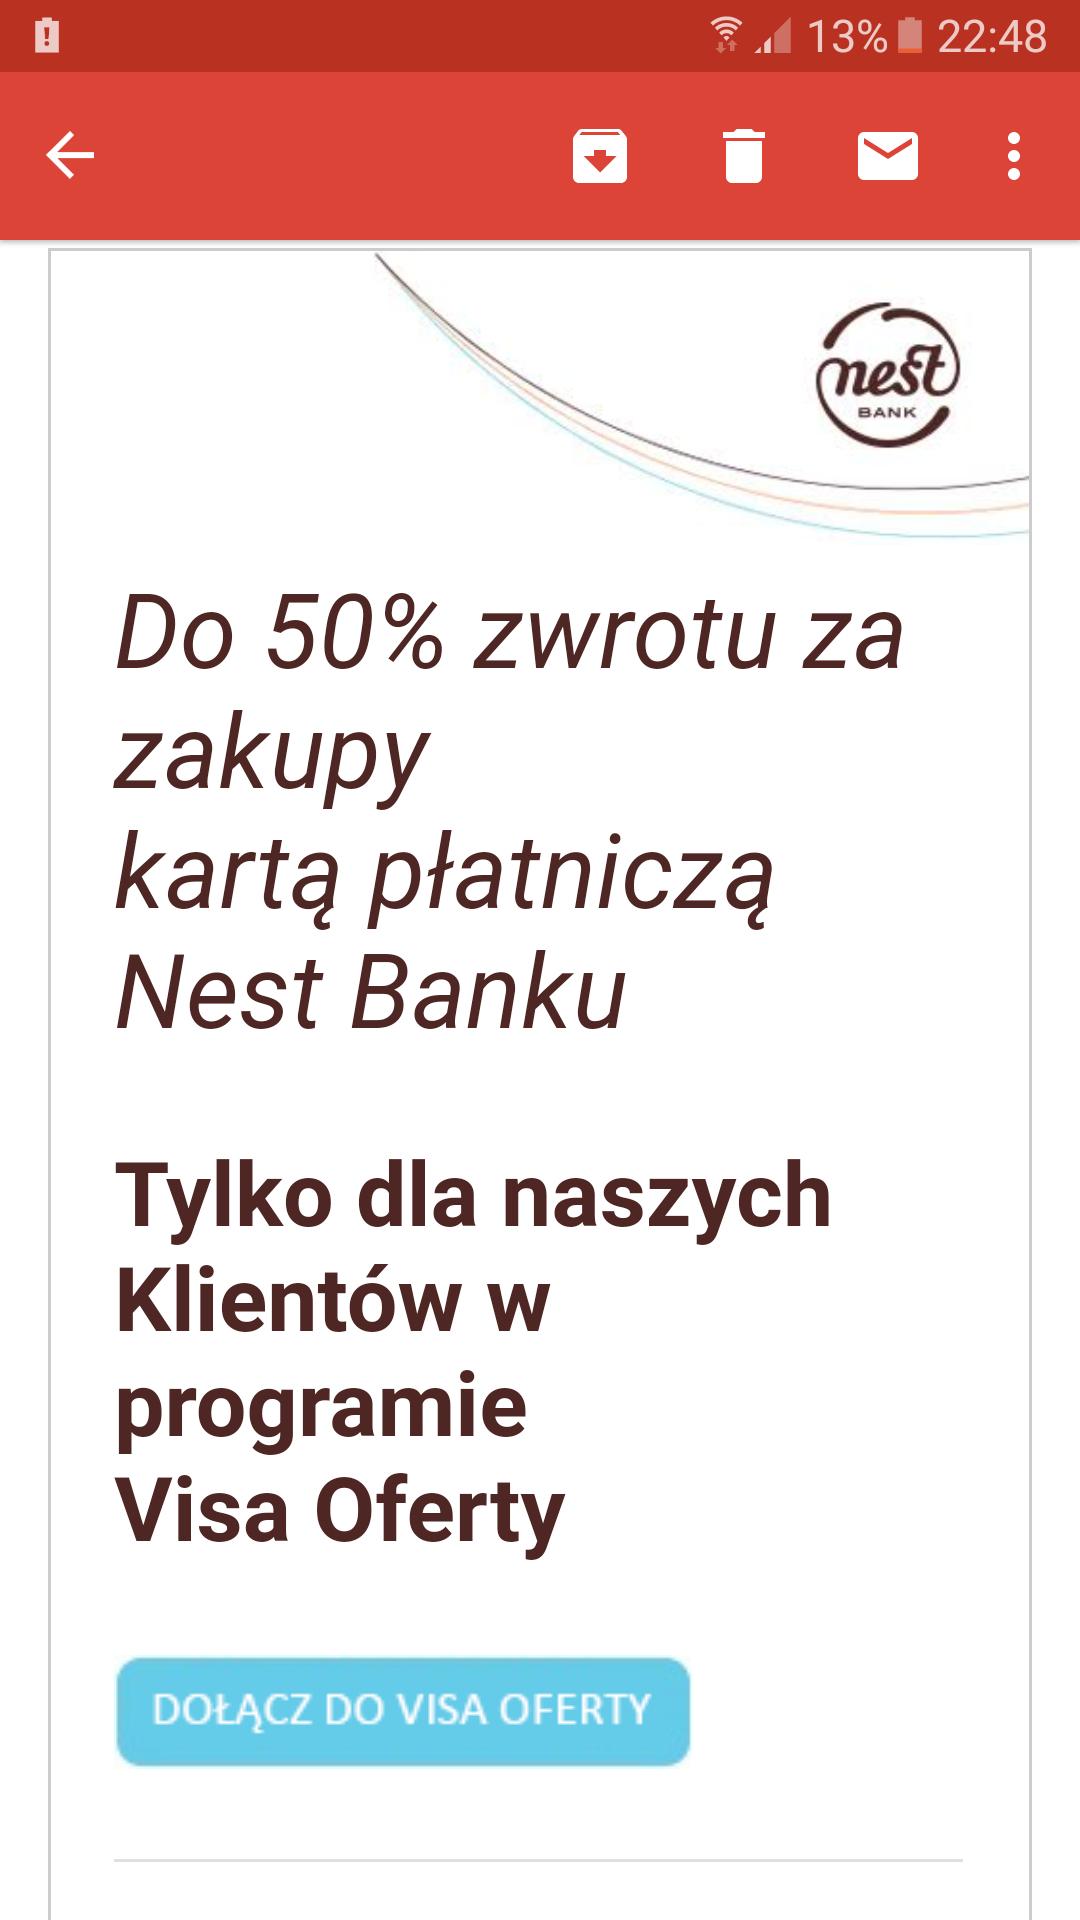 Do 50% zwrotu za zakupy  kartą płatniczą Nest Banku